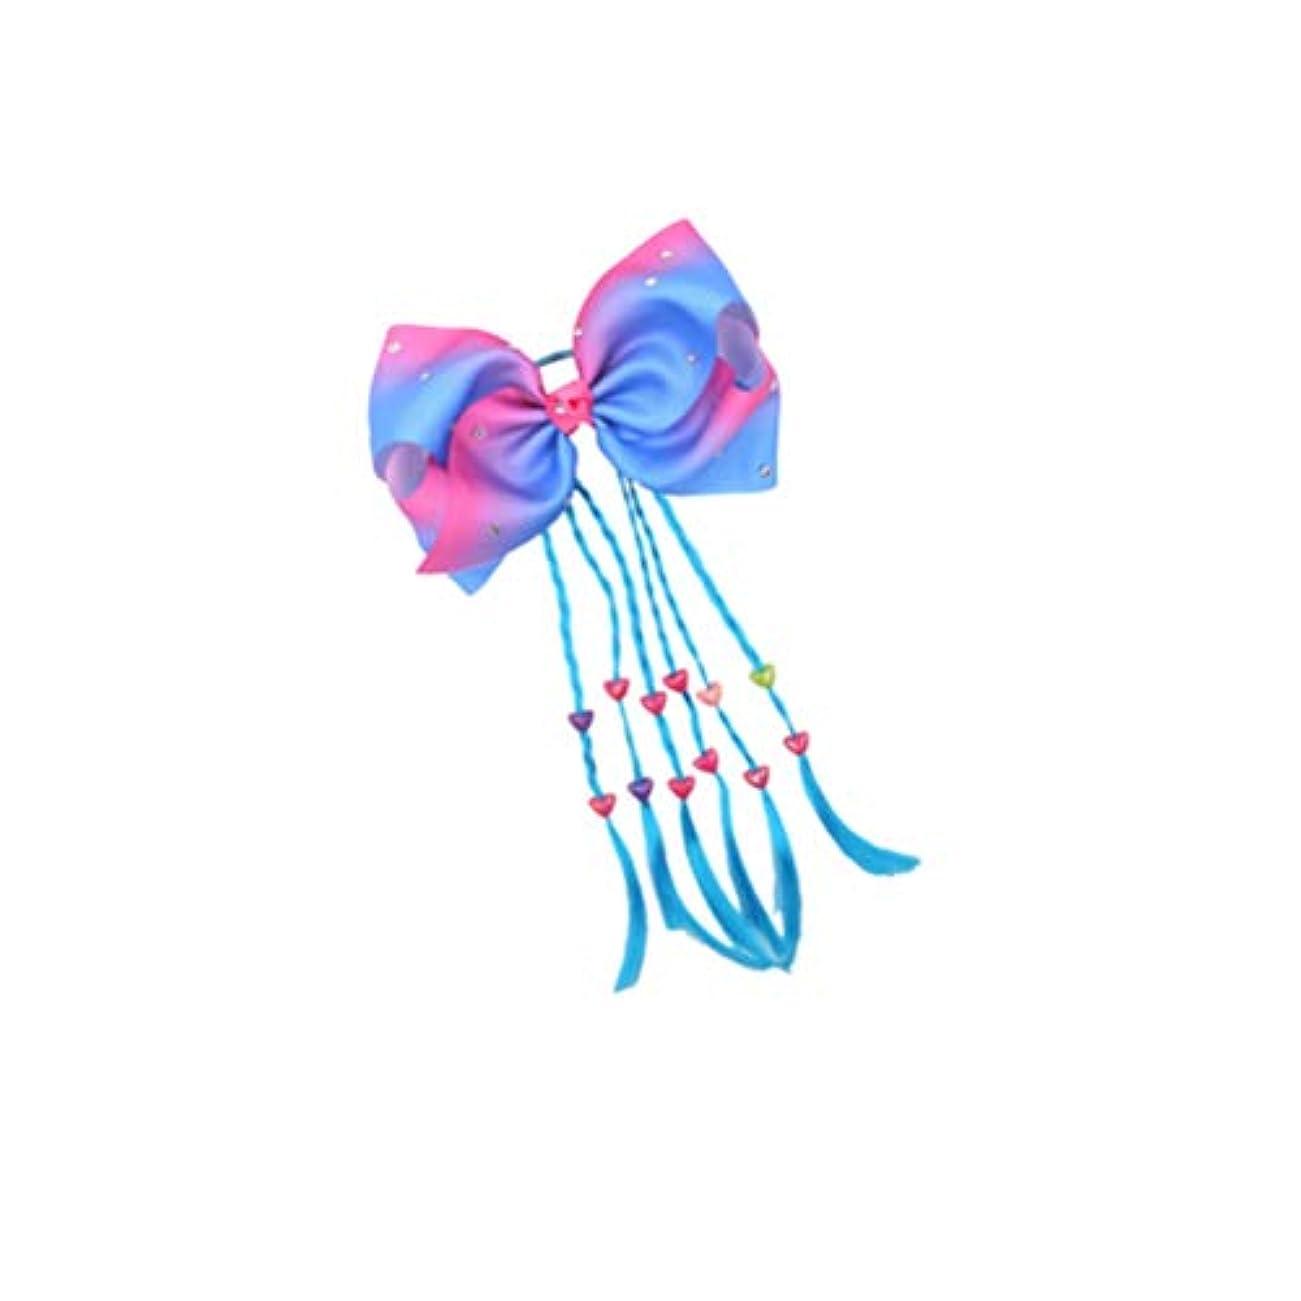 シュリンク正当化する栄光のLurrose ヘアゴムヘアちょう結びヘアロープキッズポニーテールホルダー女の子女性パーティー用品青三つ編み